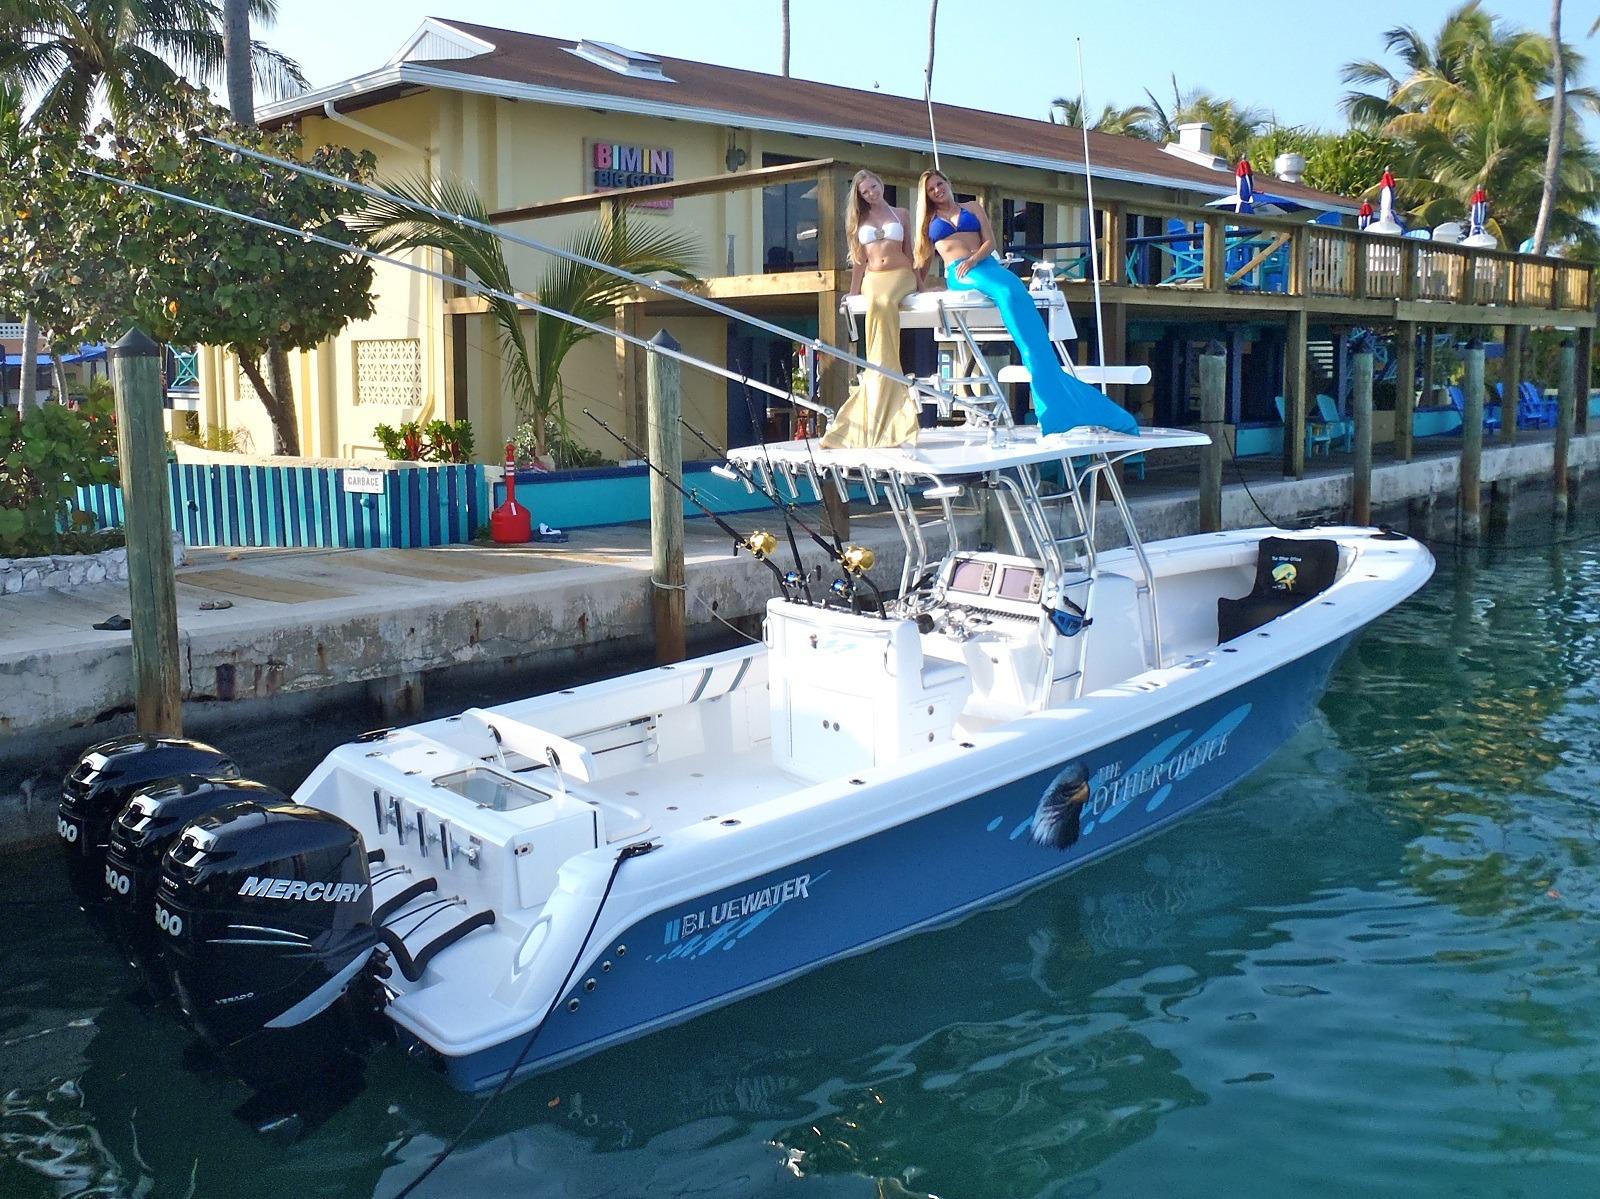 Bluewater 355e